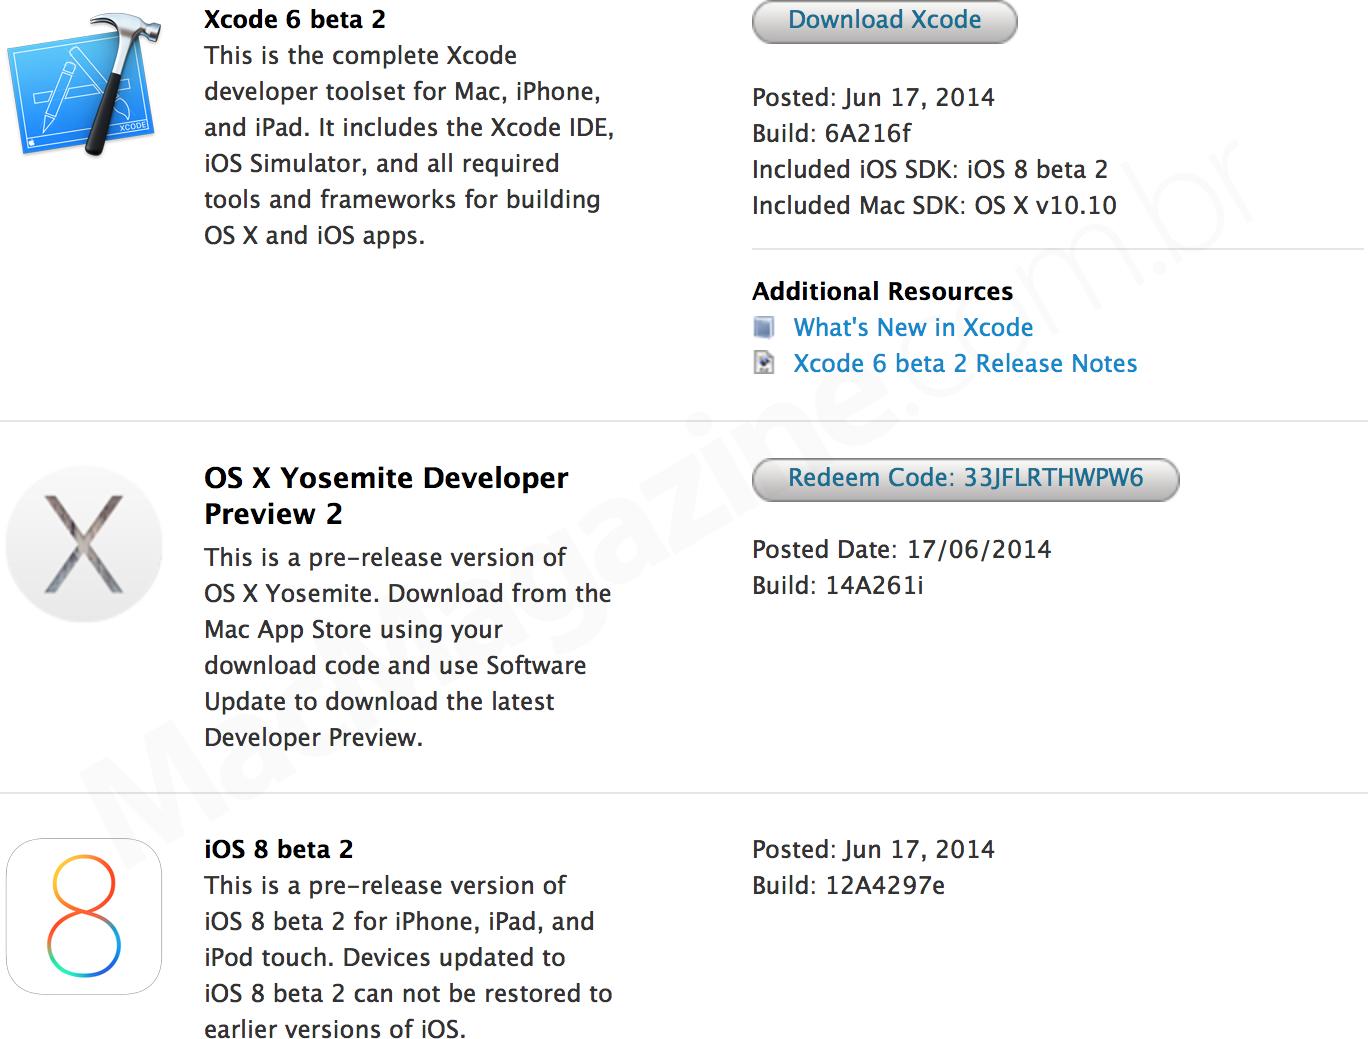 Novas versões betas (iOS 8 e OS X Yosemite)